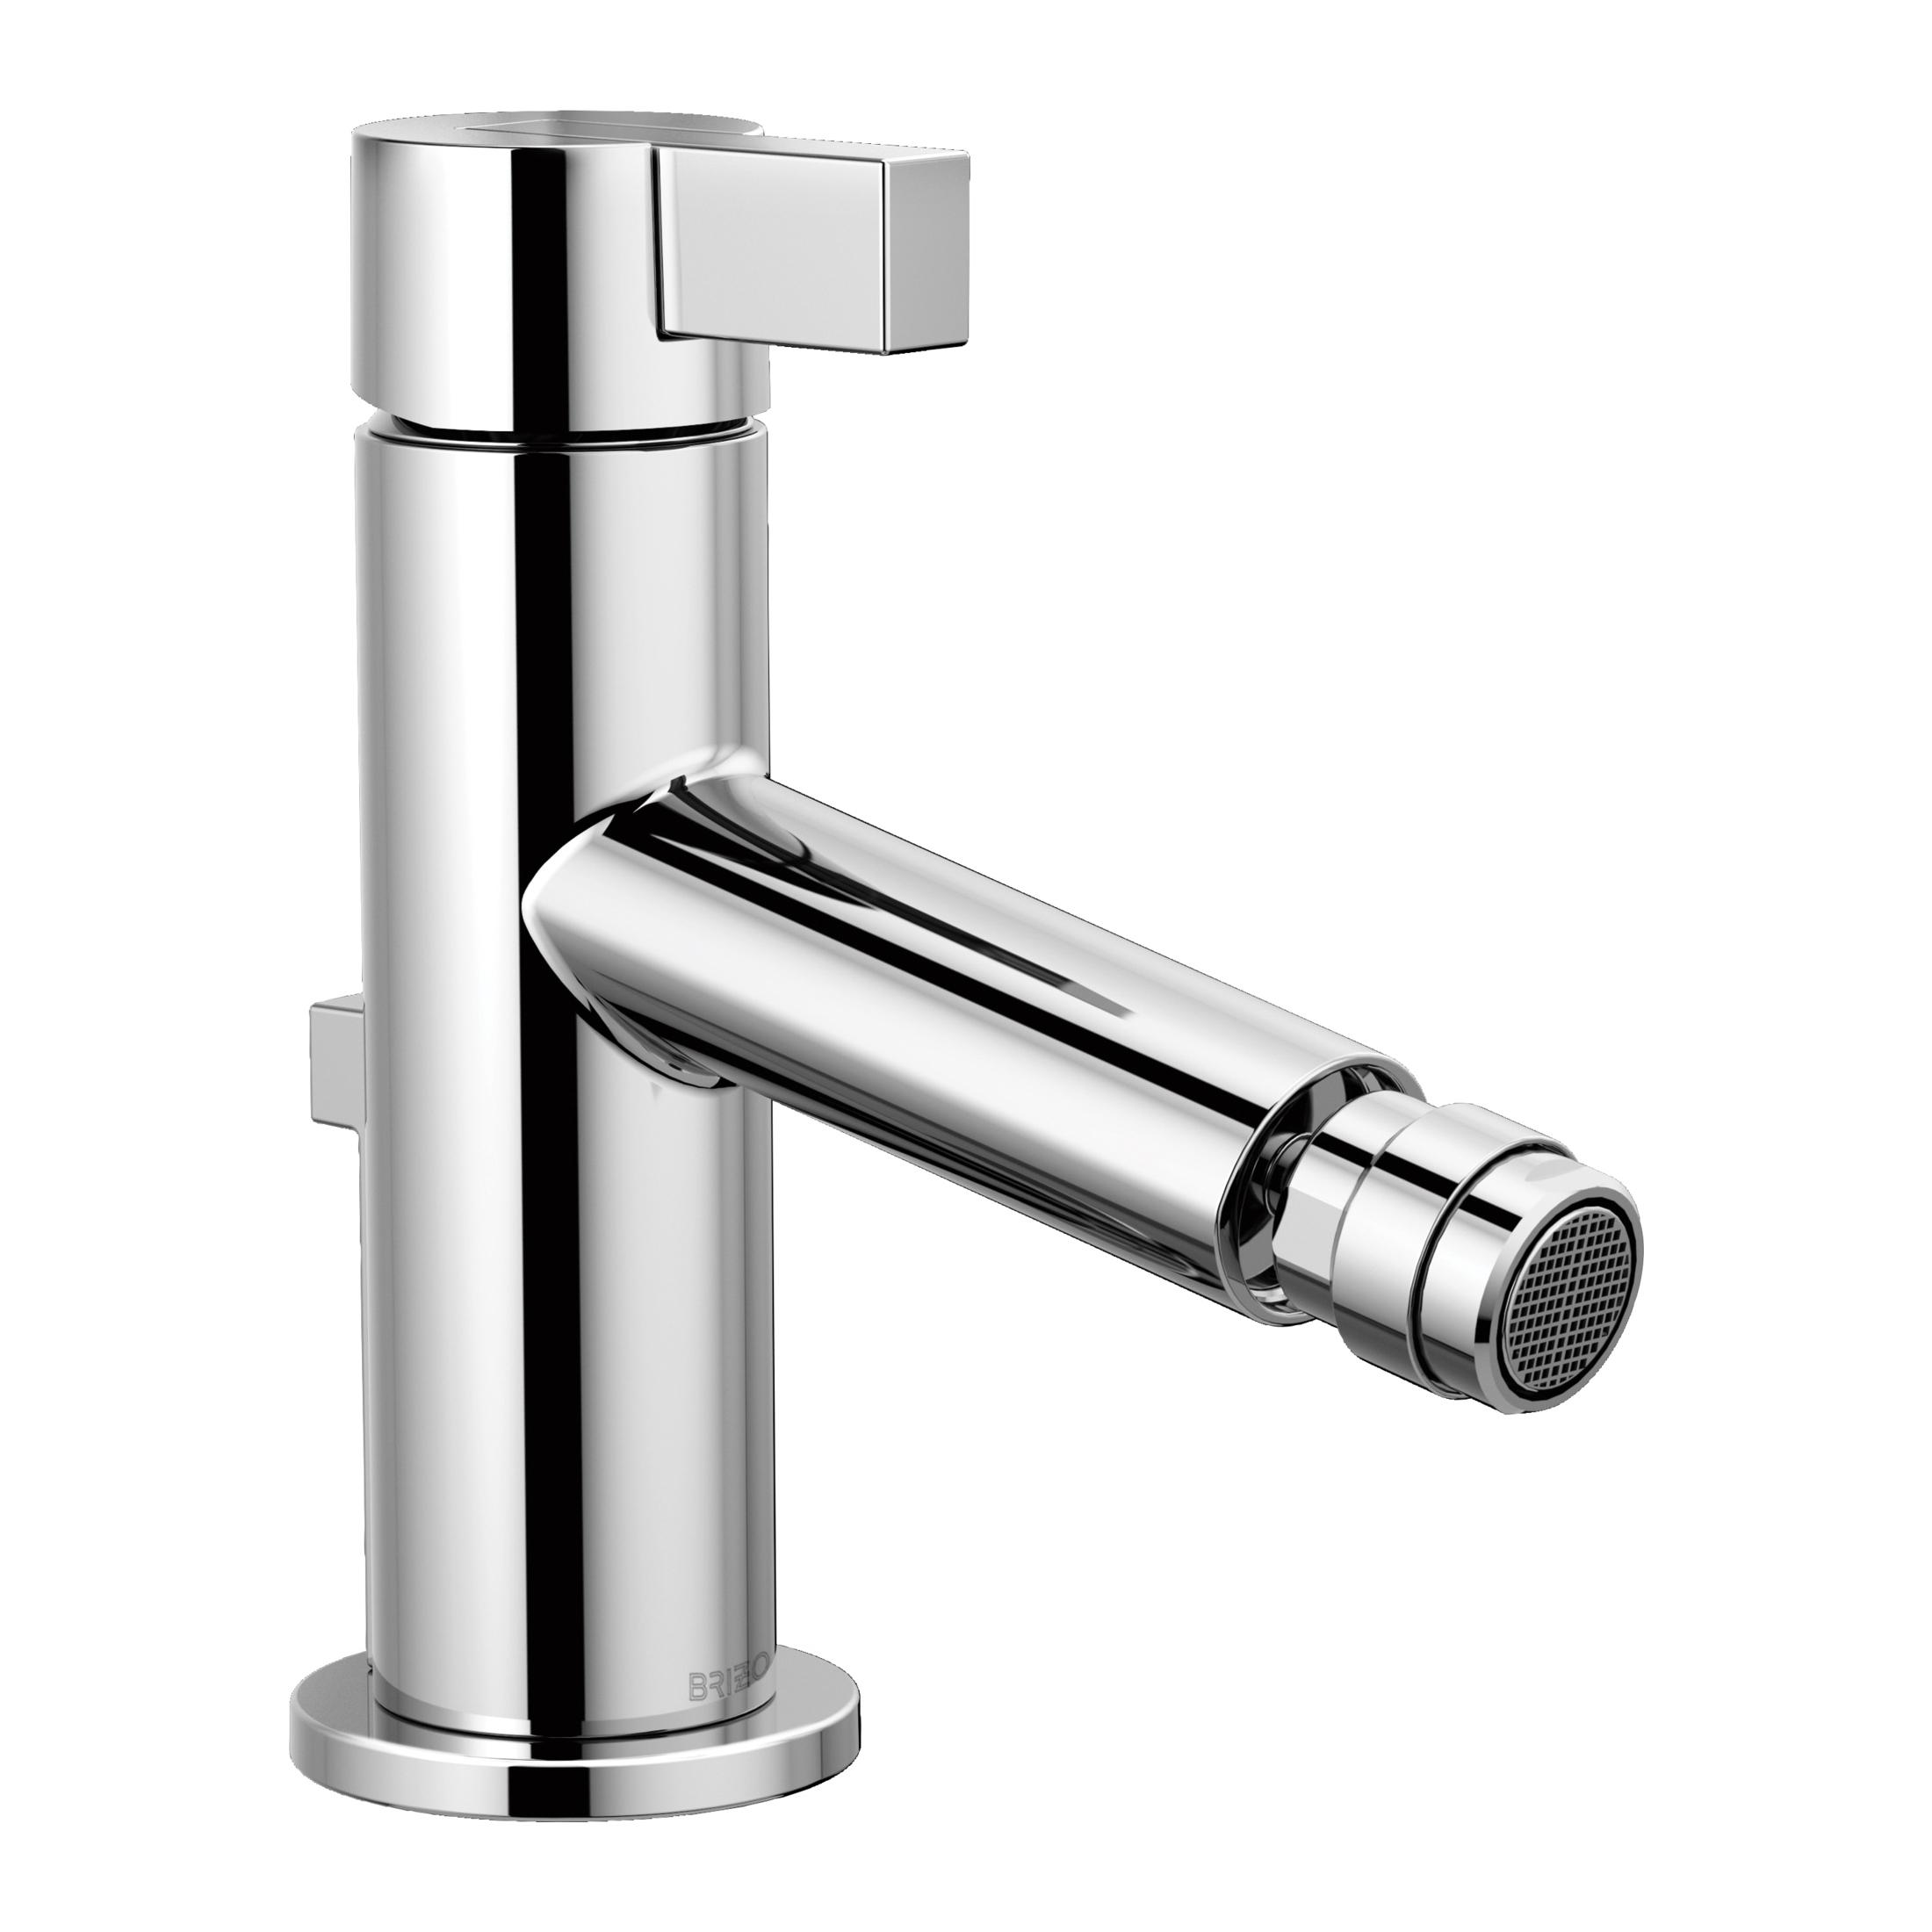 Brizo® 68135-PC Litze™ Bidet Faucet, 2-1/2 in H Spout, 1 Handle, Pop-Up Drain, Chrome Plated, Import, Commercial